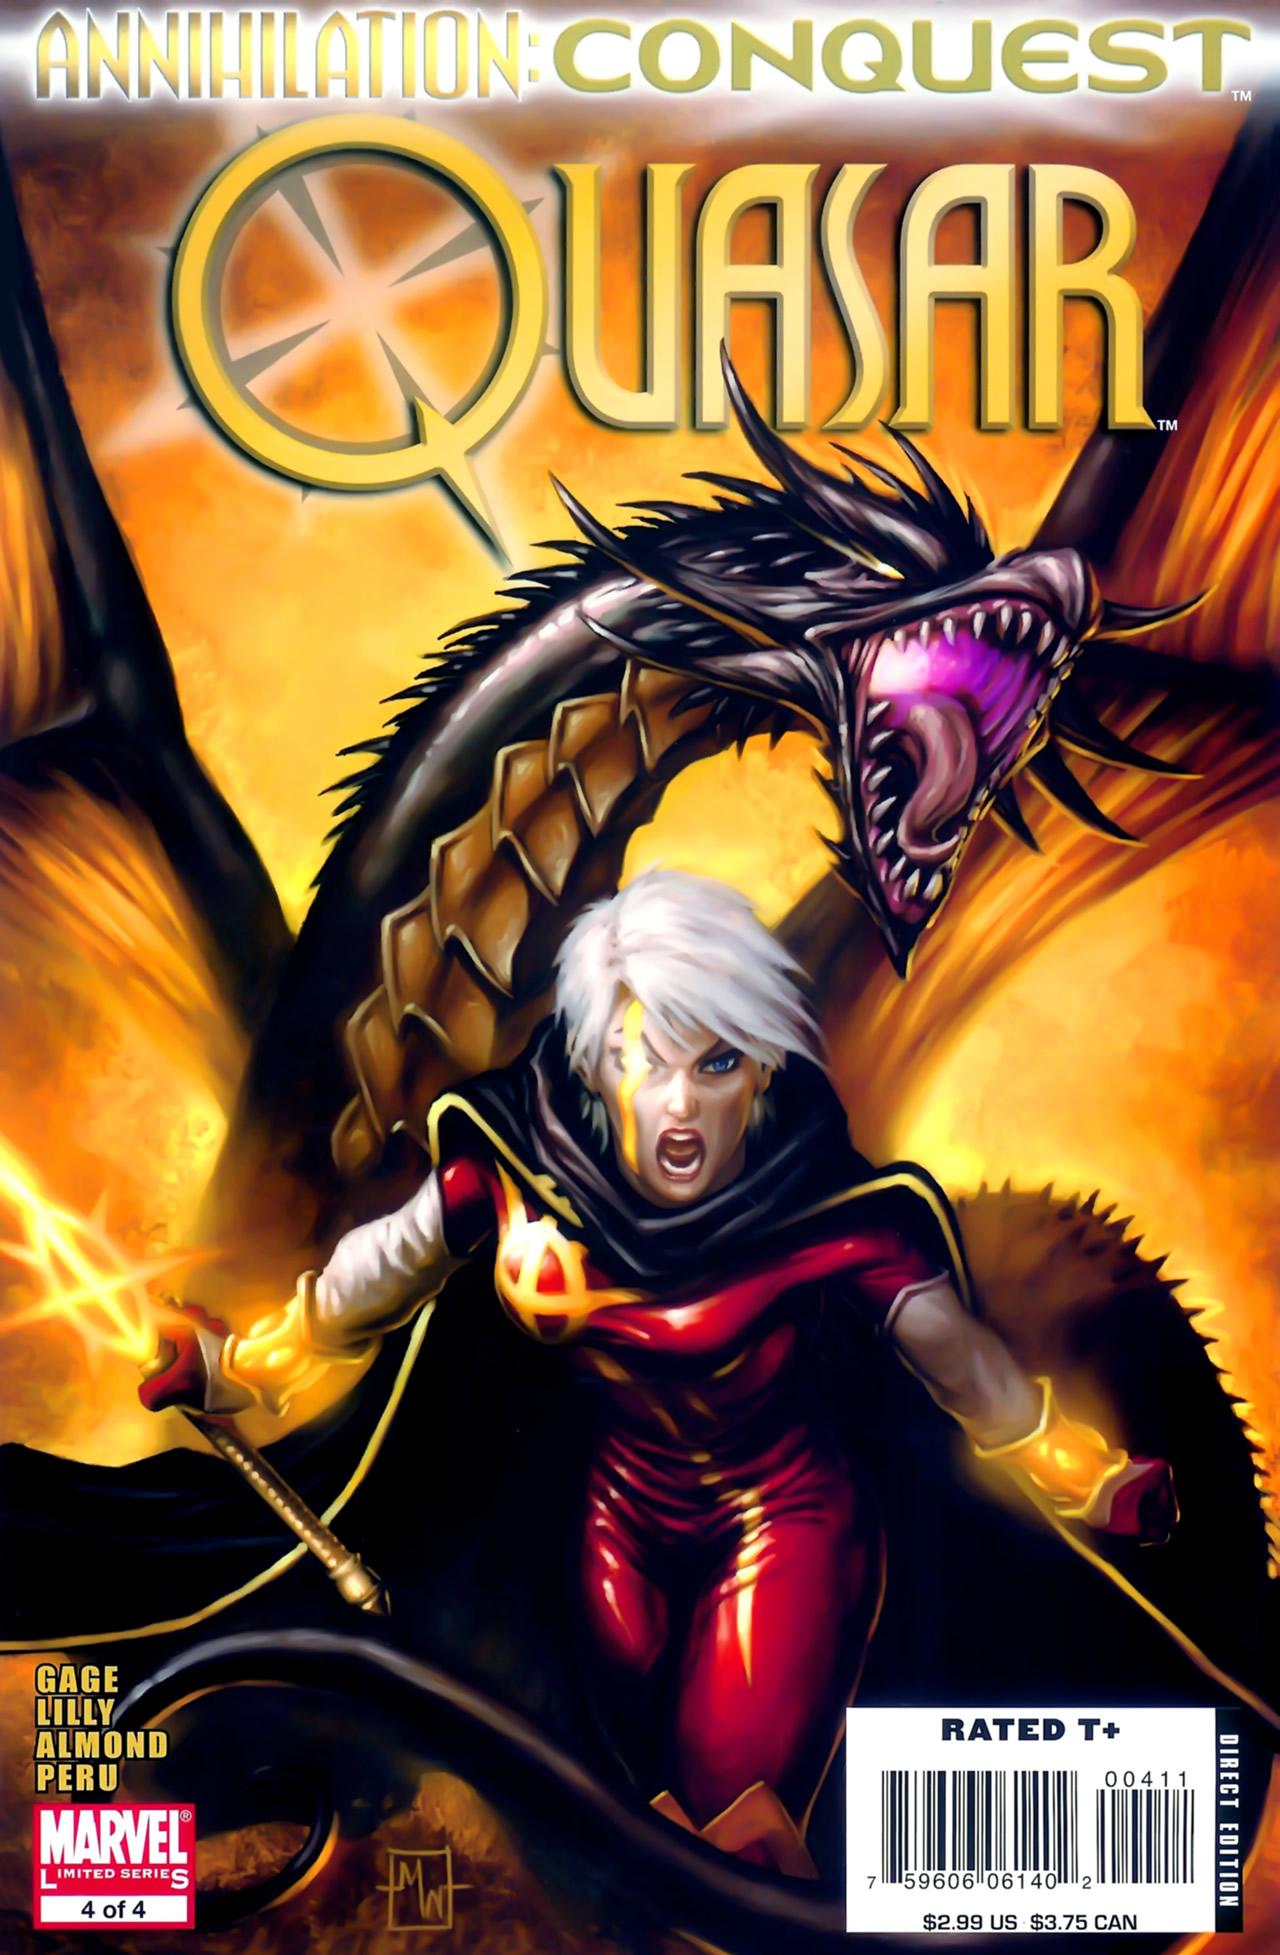 Annihilation: Conquest - Quasar Vol 1 4